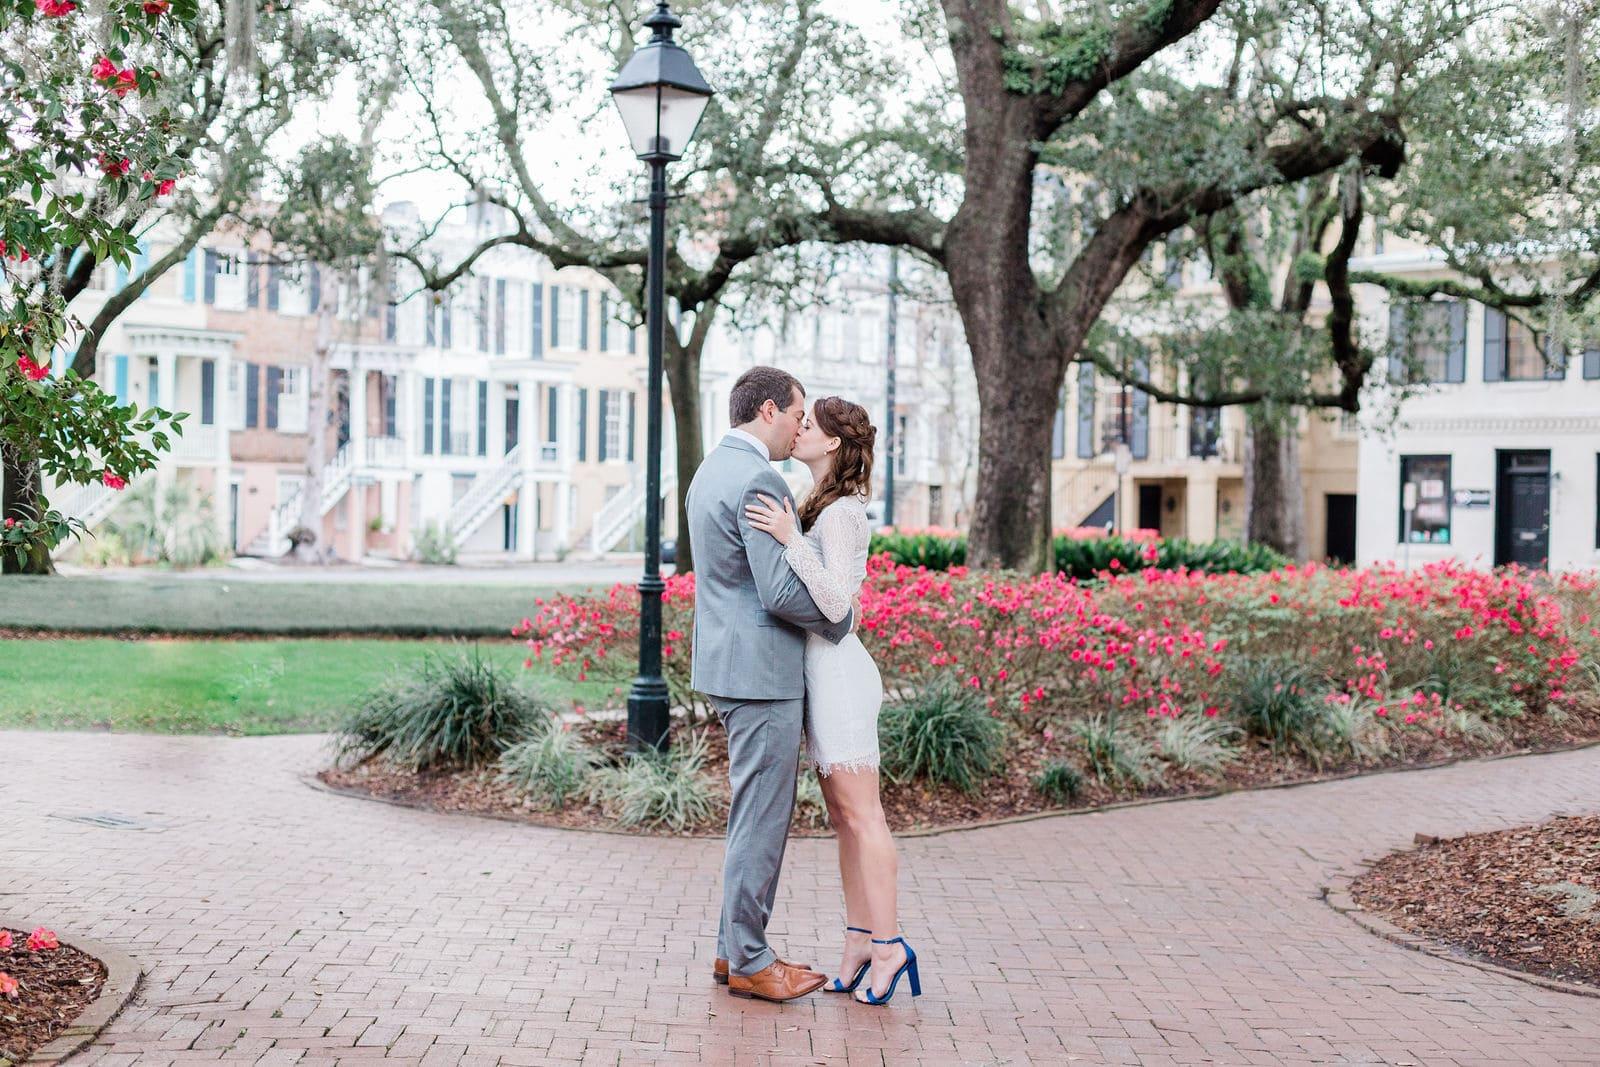 popup elopement package